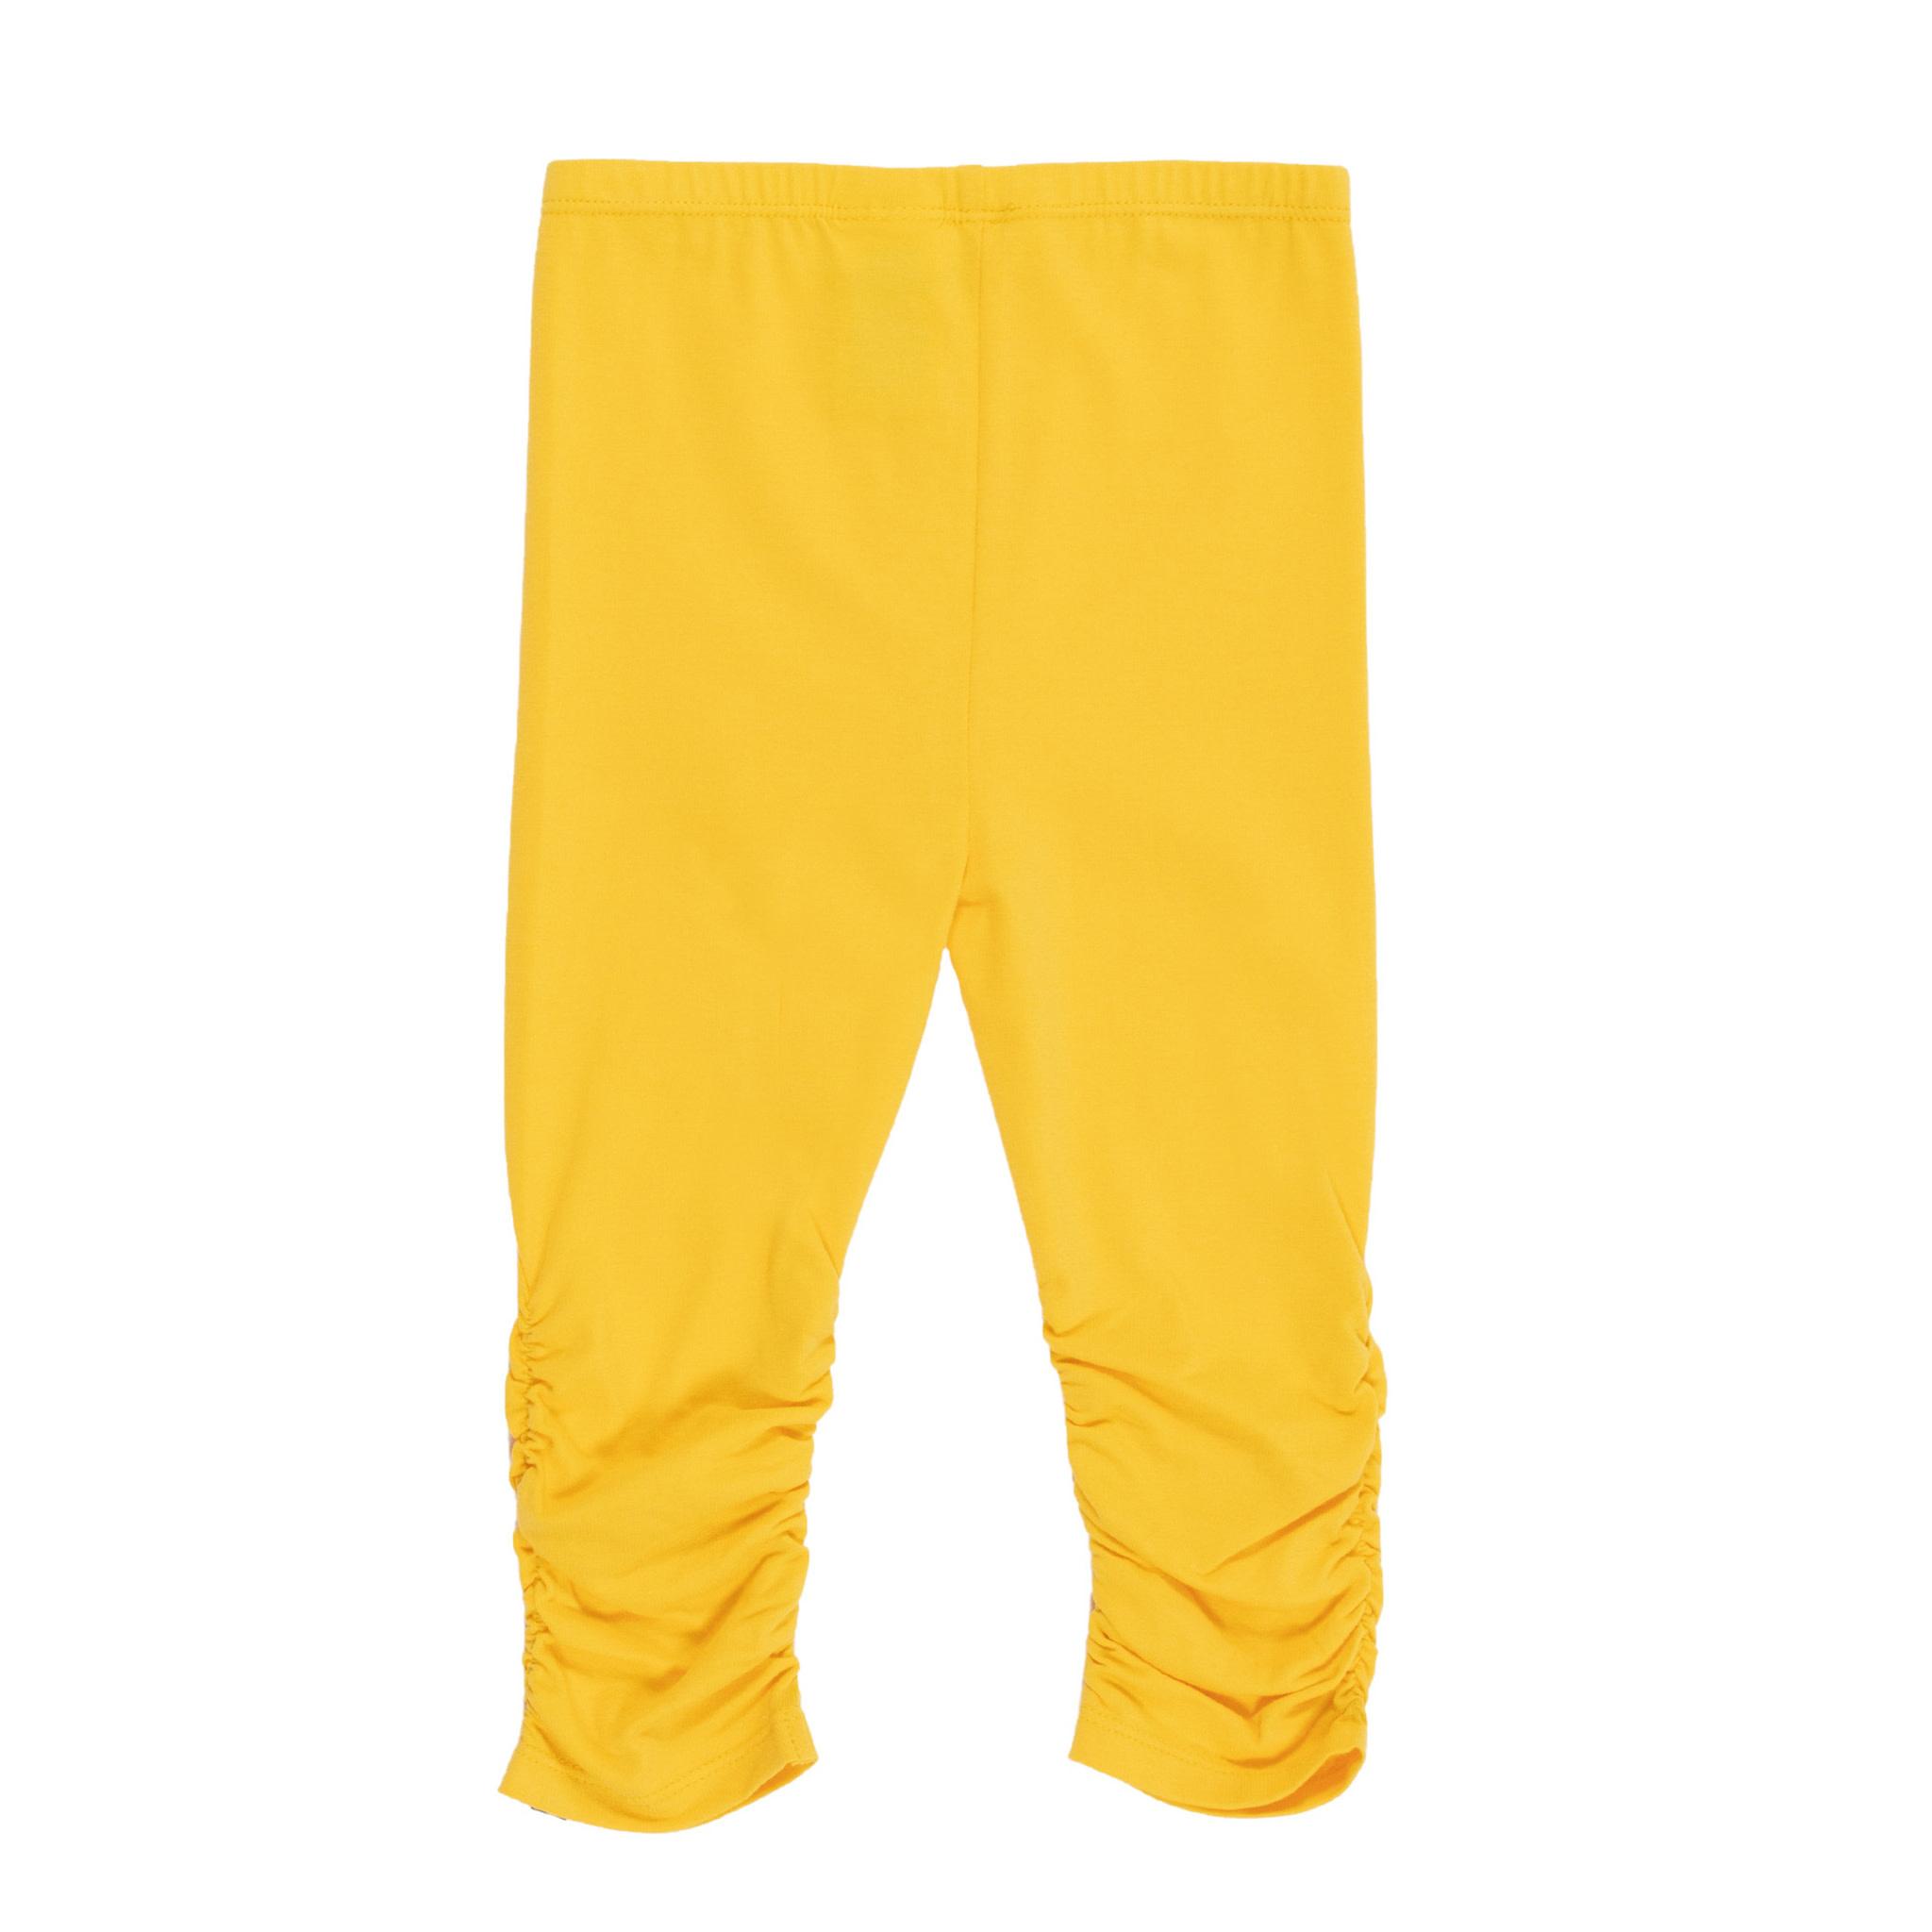 Legging 3/4 jaune Bonjour soleil-2